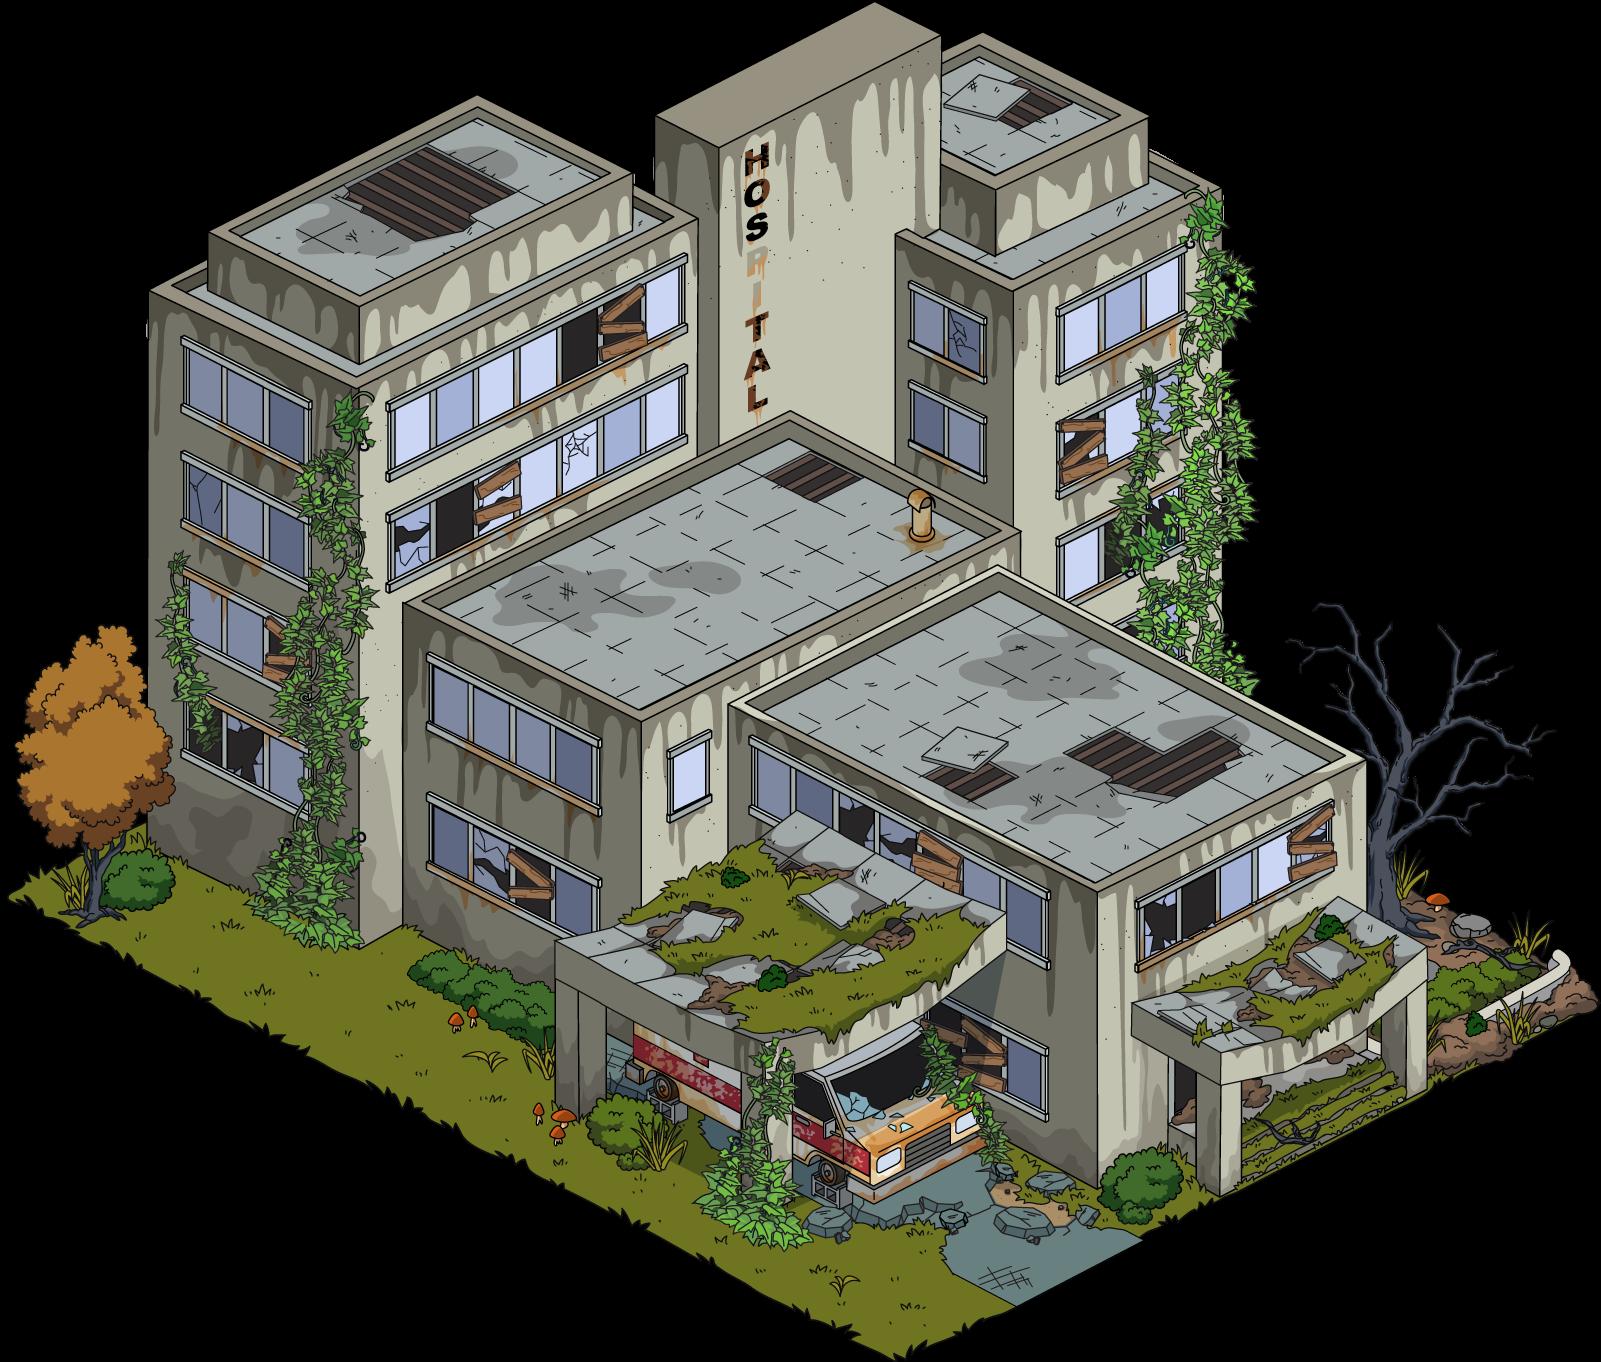 Image - Fg Building Hospital Abandonedskin.png